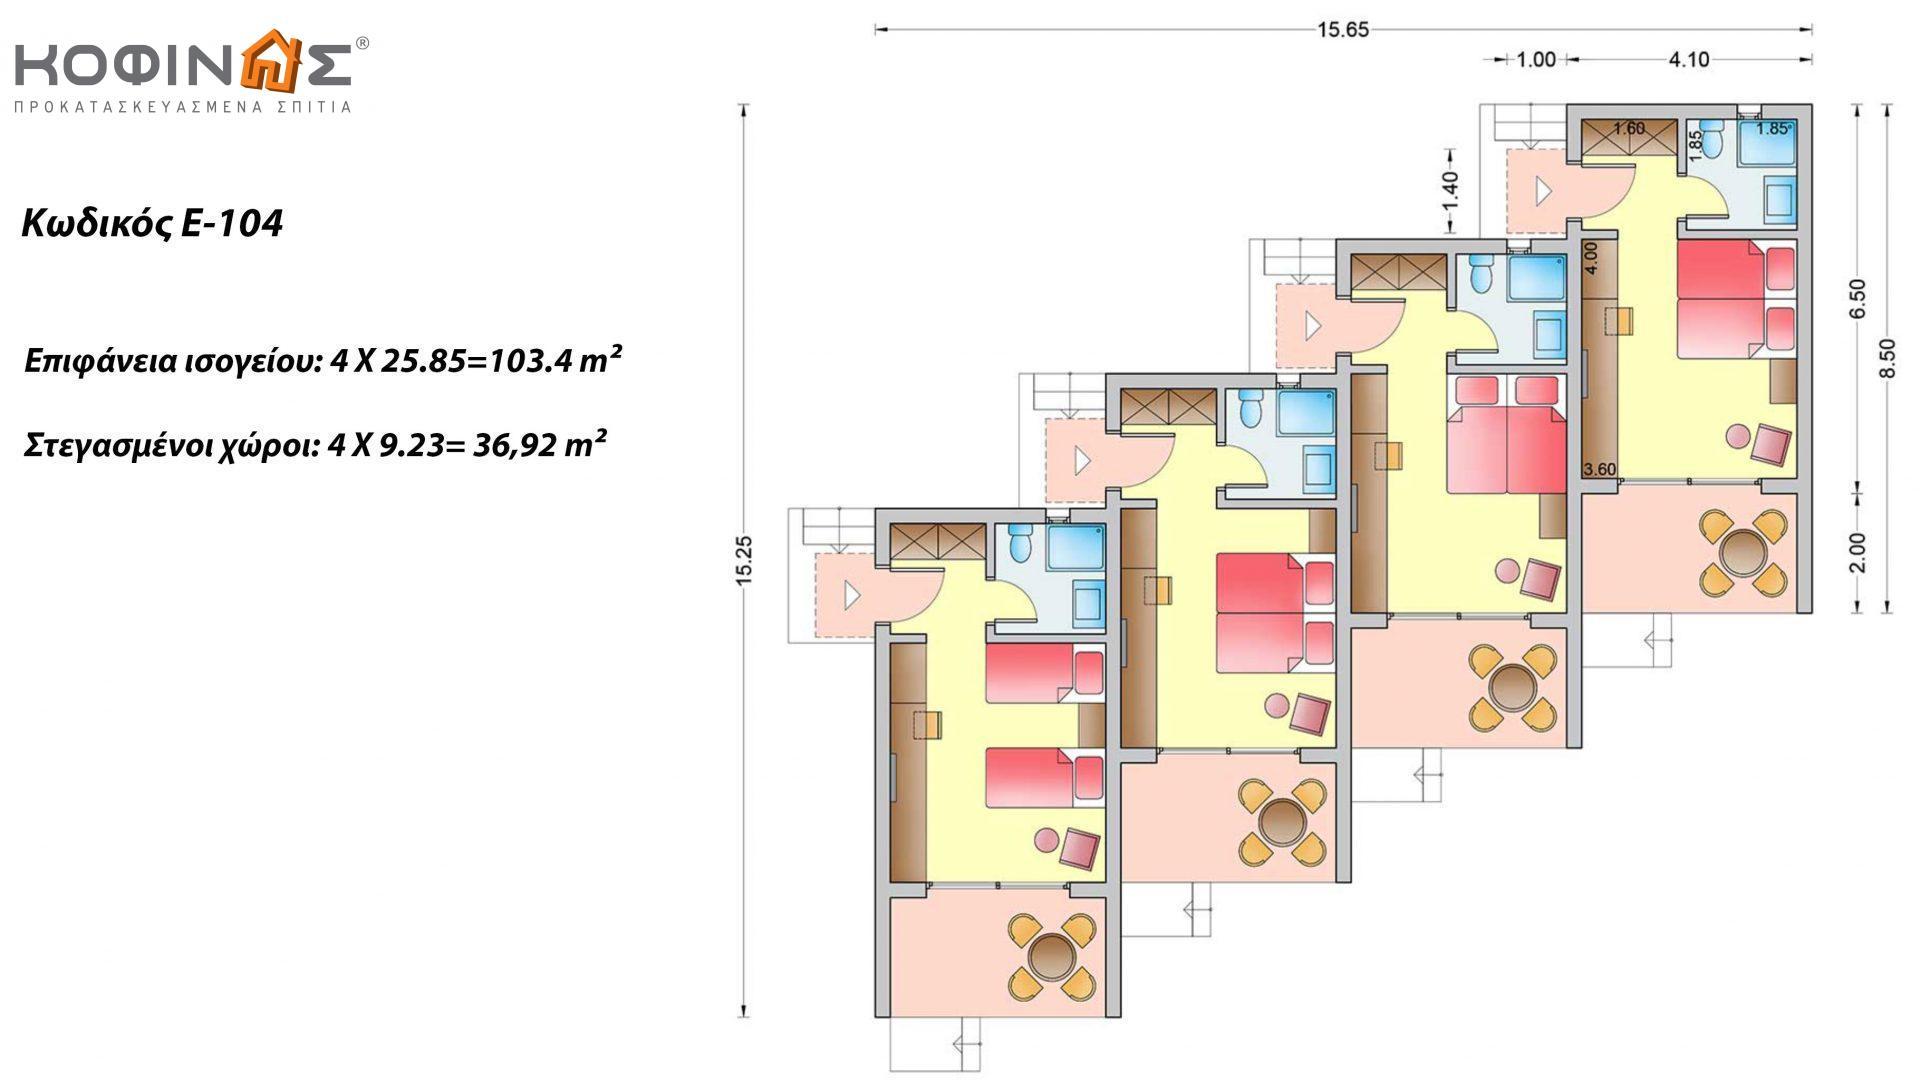 Συγκρότημα Κατοικιών E-104, συνολικής επιφάνειας 4 x 25.85=103.4 τ.μ., συνολική επιφάνεια στεγασμένων χώρων 36.92 m²